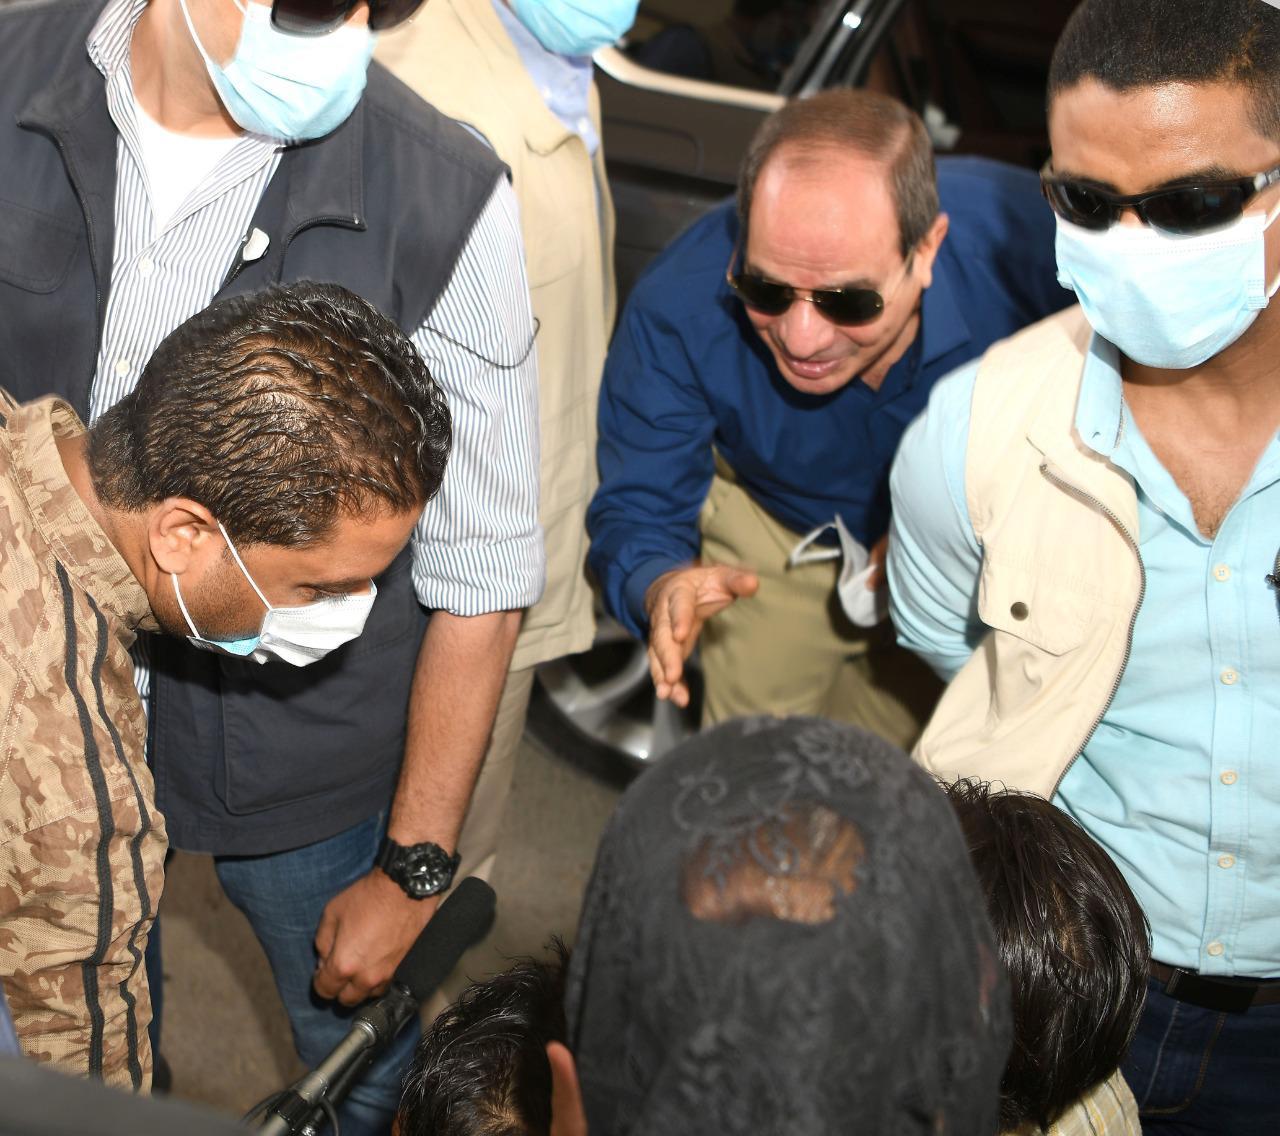 الرئيس السيسى يتحدث مع مواطنين ويستعلم عن أحوالهم بجولته فى شرق القاهرة (2)